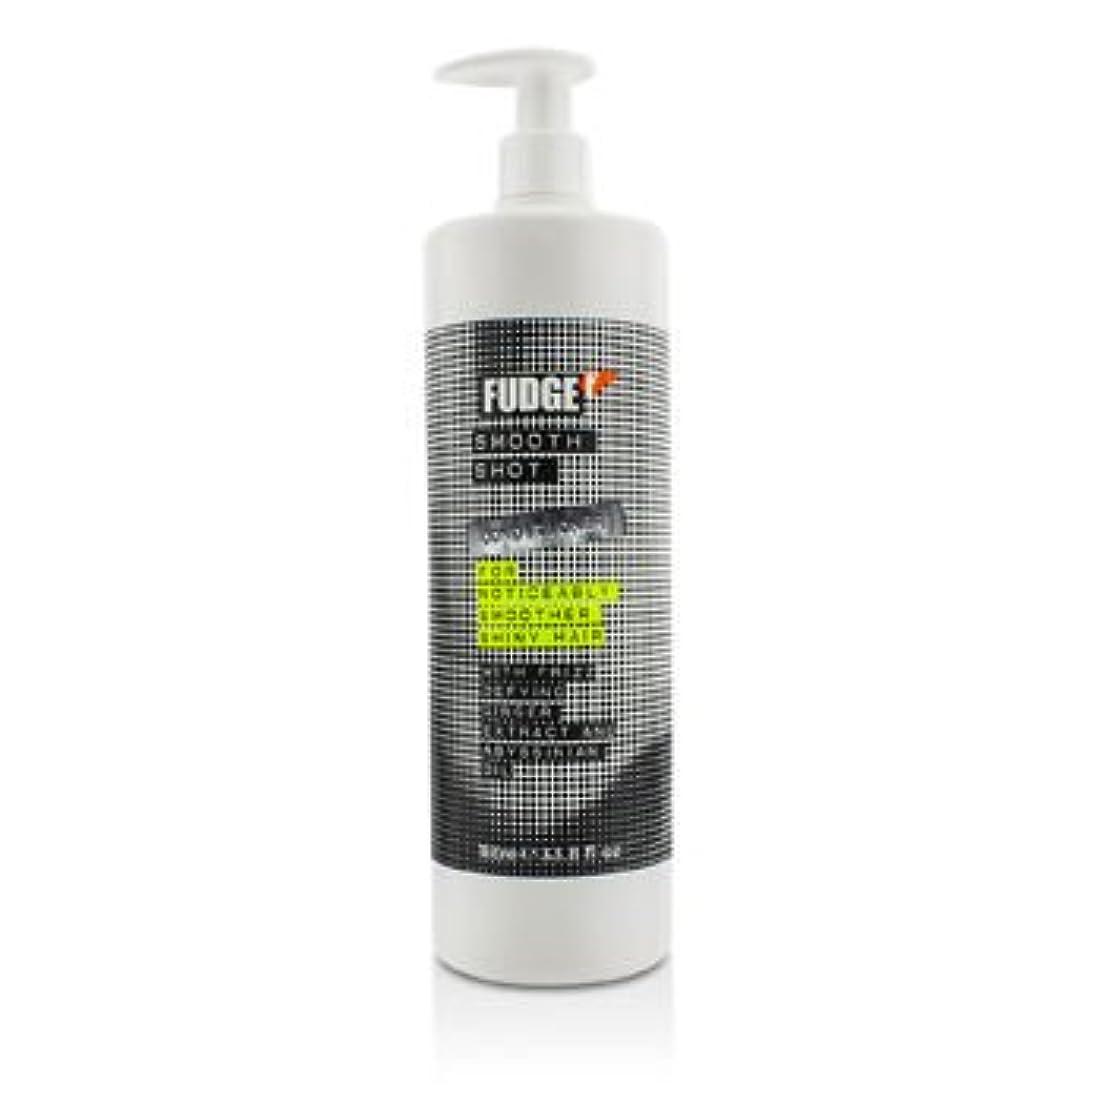 未接続関与する作家[Fudge] Smooth Shot Conditioner (For Noticeably Smoother Shiny Hair) 1000ml/33.8oz